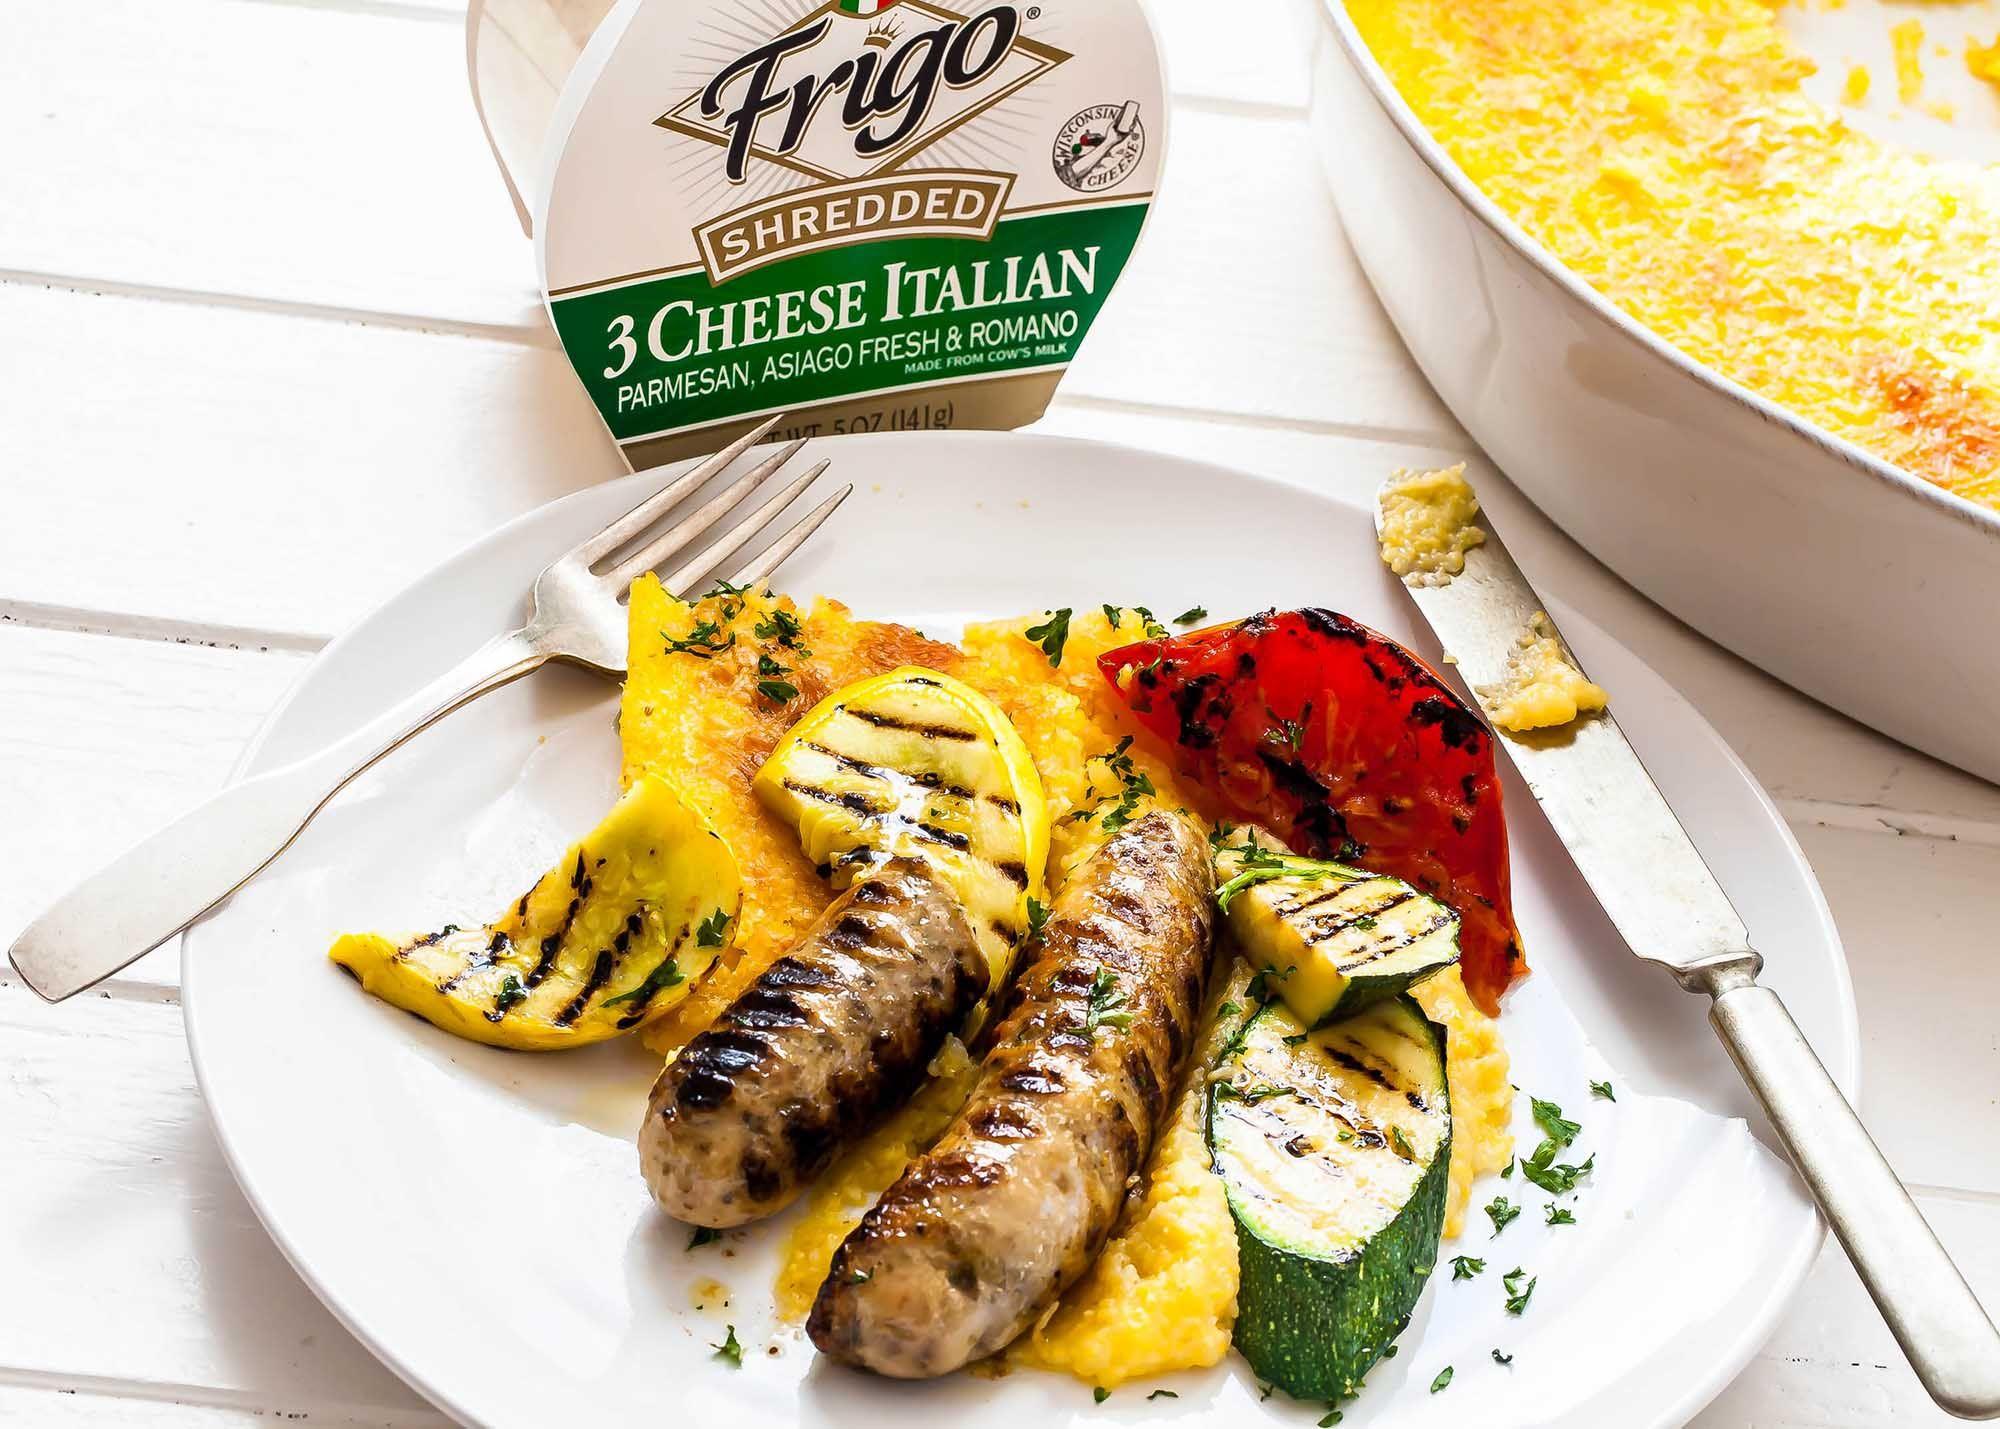 Polenta with Grilled Vegetables | Grilled veggies, Grilled